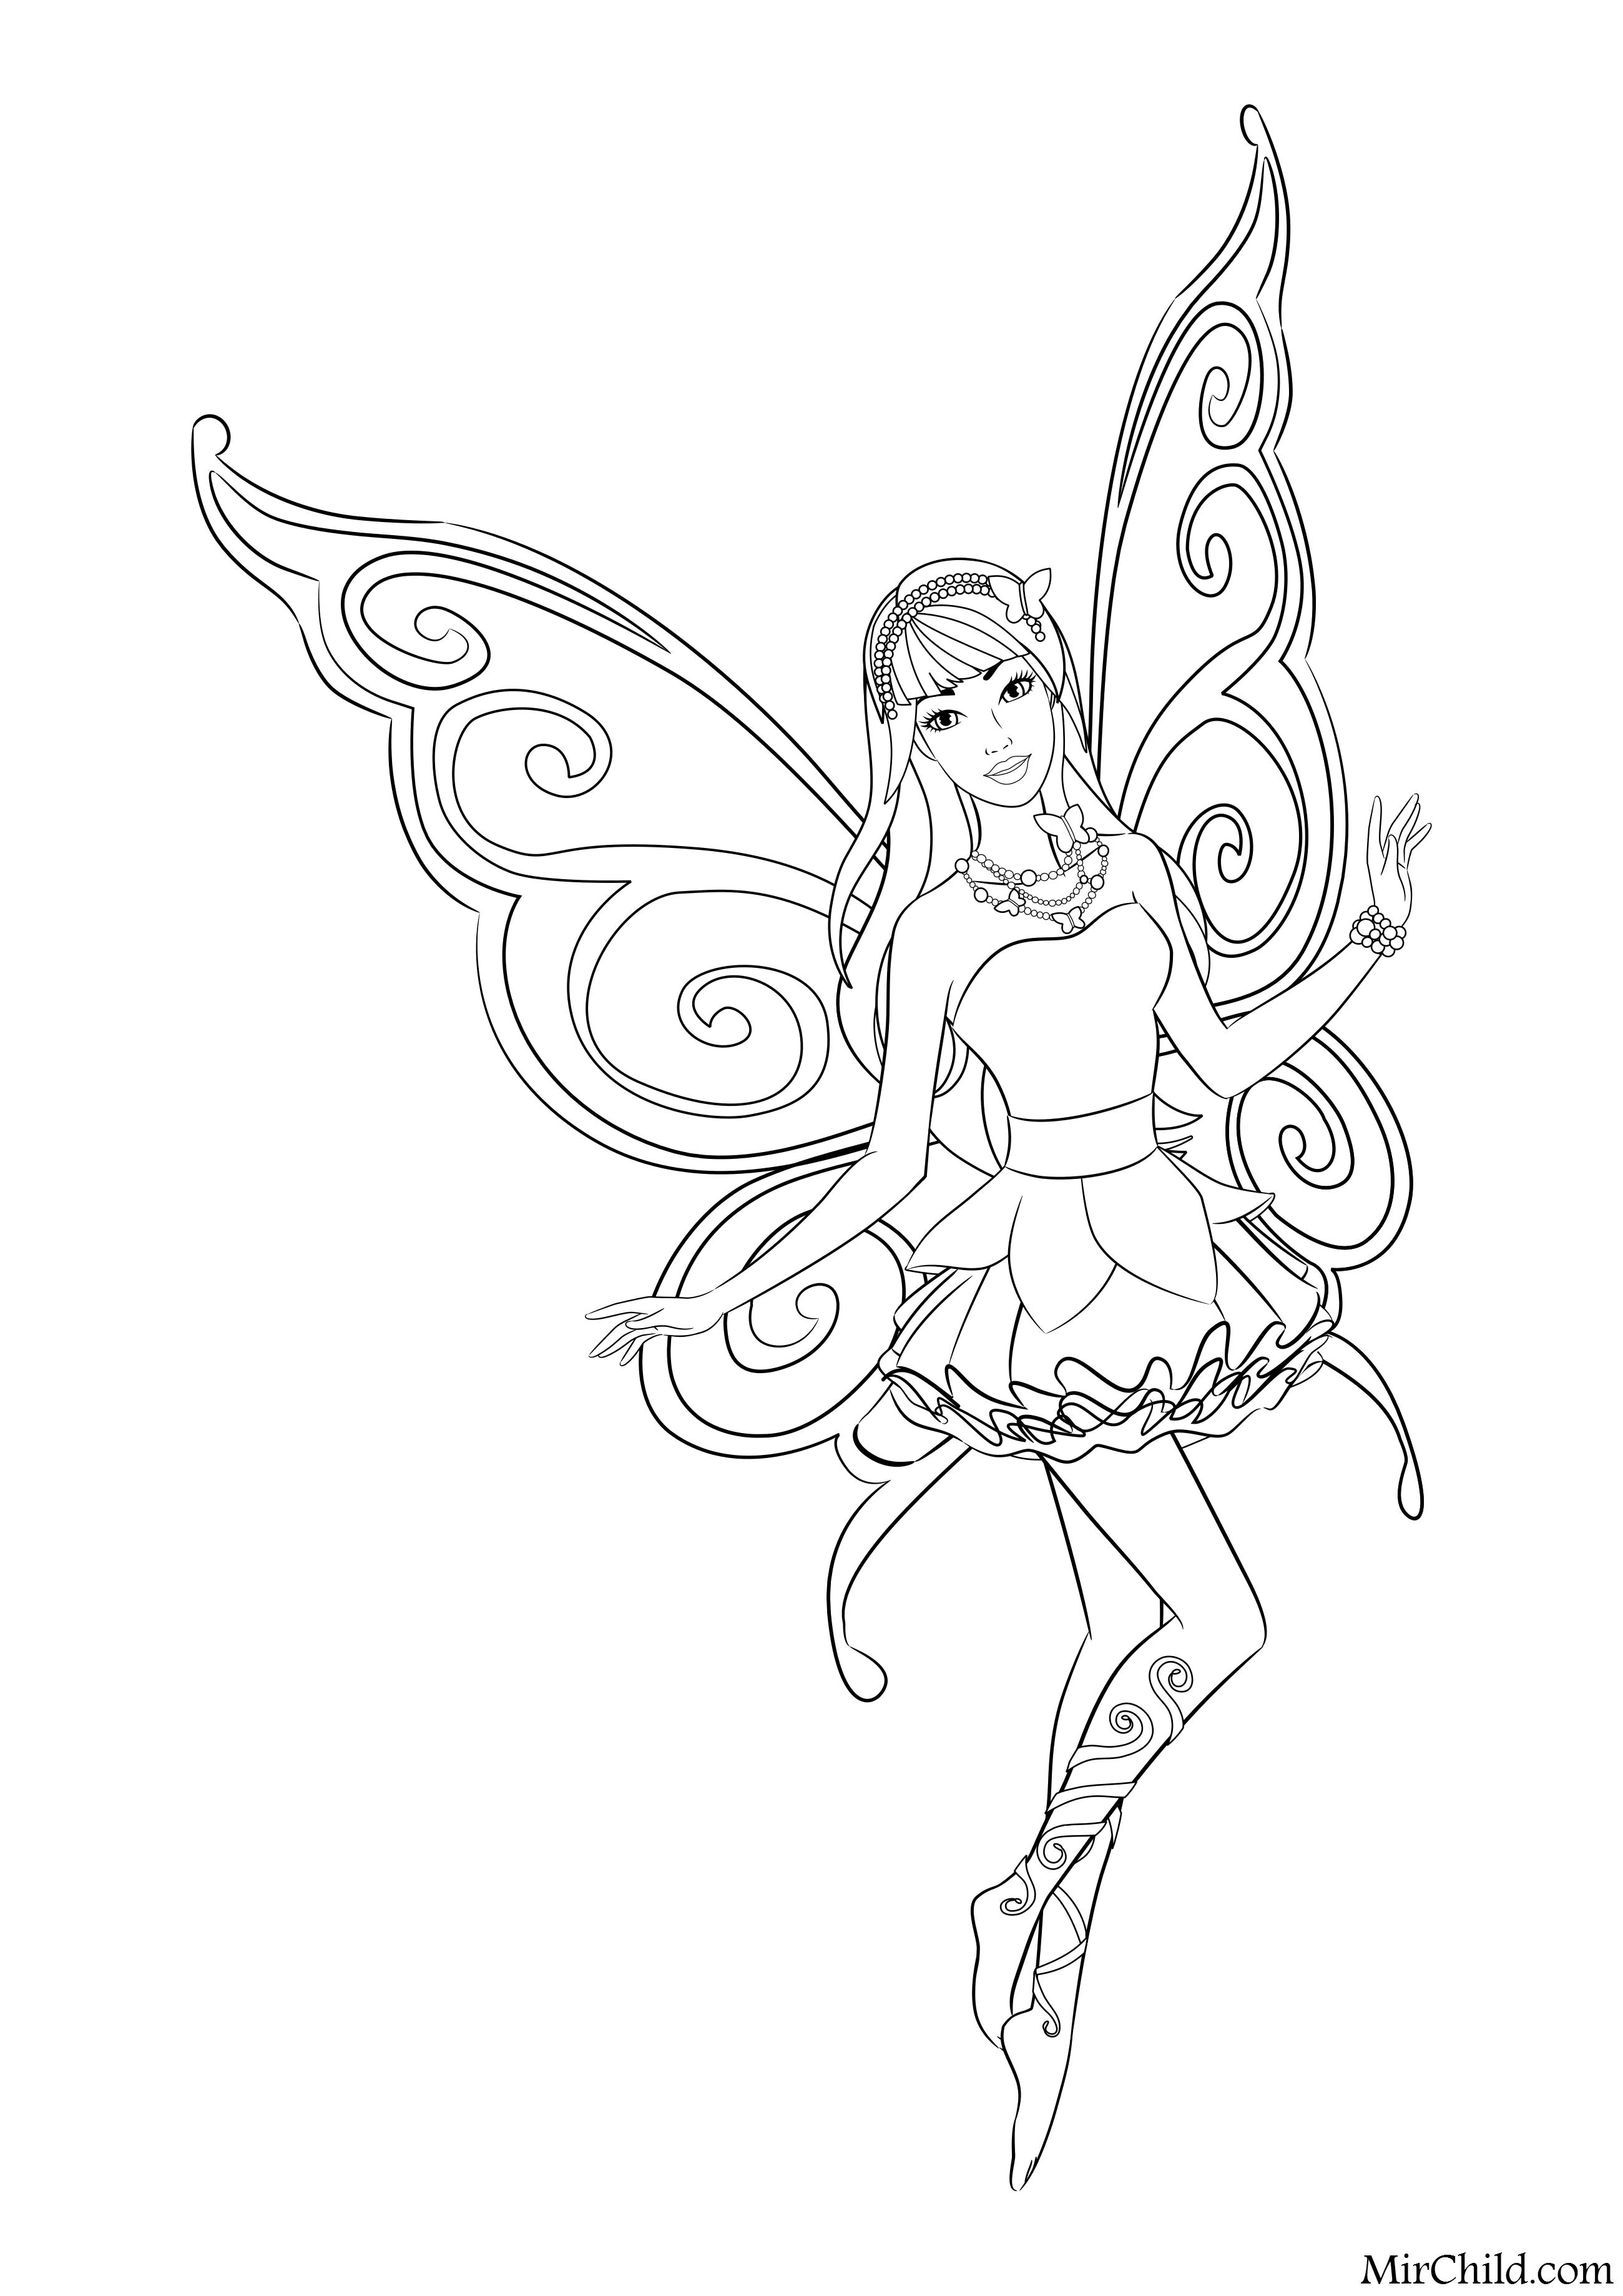 Раскраска - Барби - Барби - бабочка | MirChild